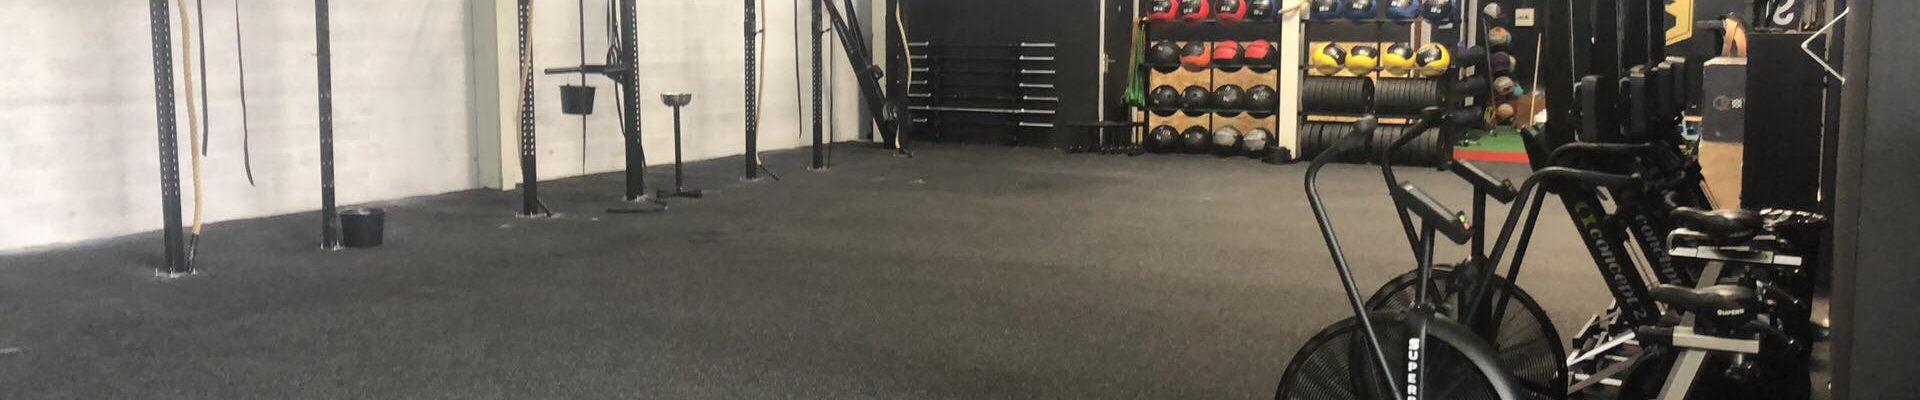 salle de sport Burpees - CrossFit Biarritz Rig